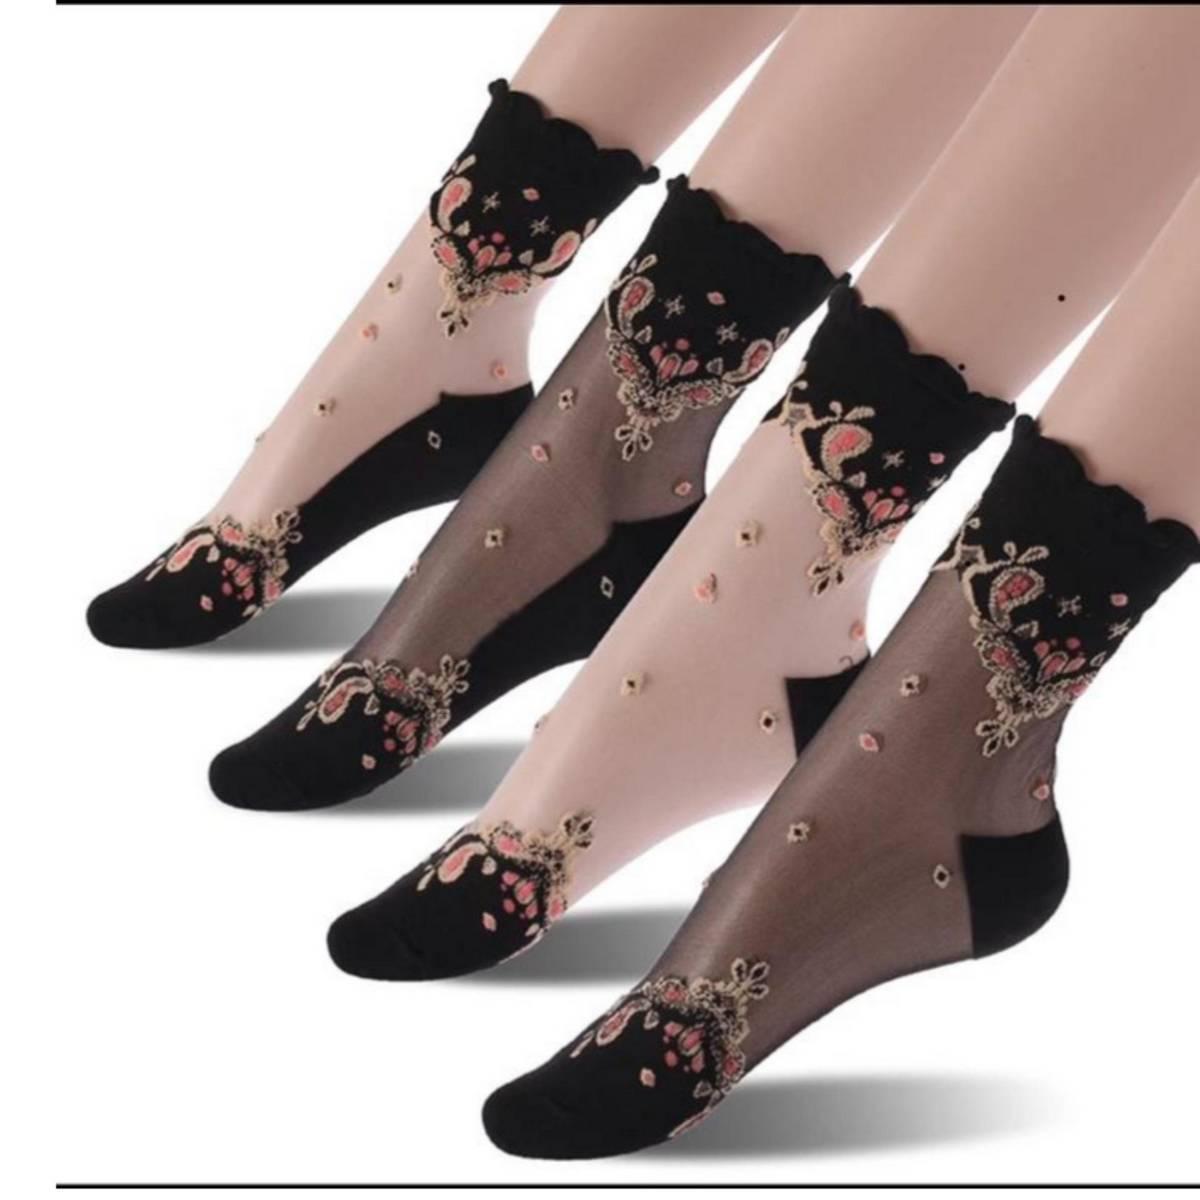 Stylish italian style socks for women trend 2020 punk rock